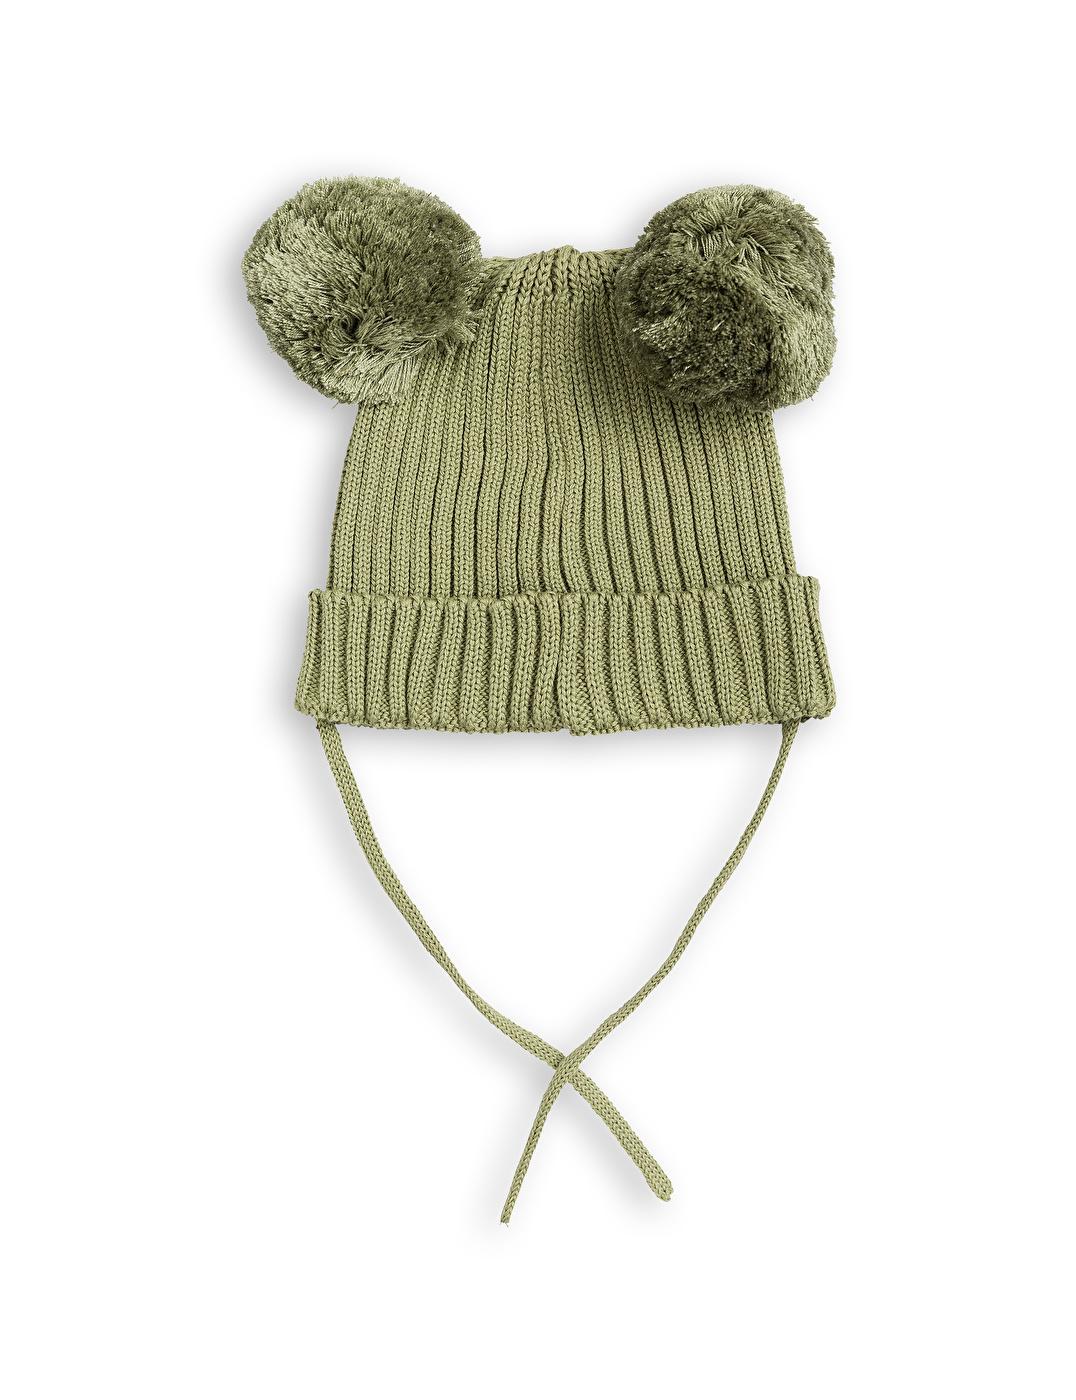 1776513275-2-mini-rodini-ear-hat-green